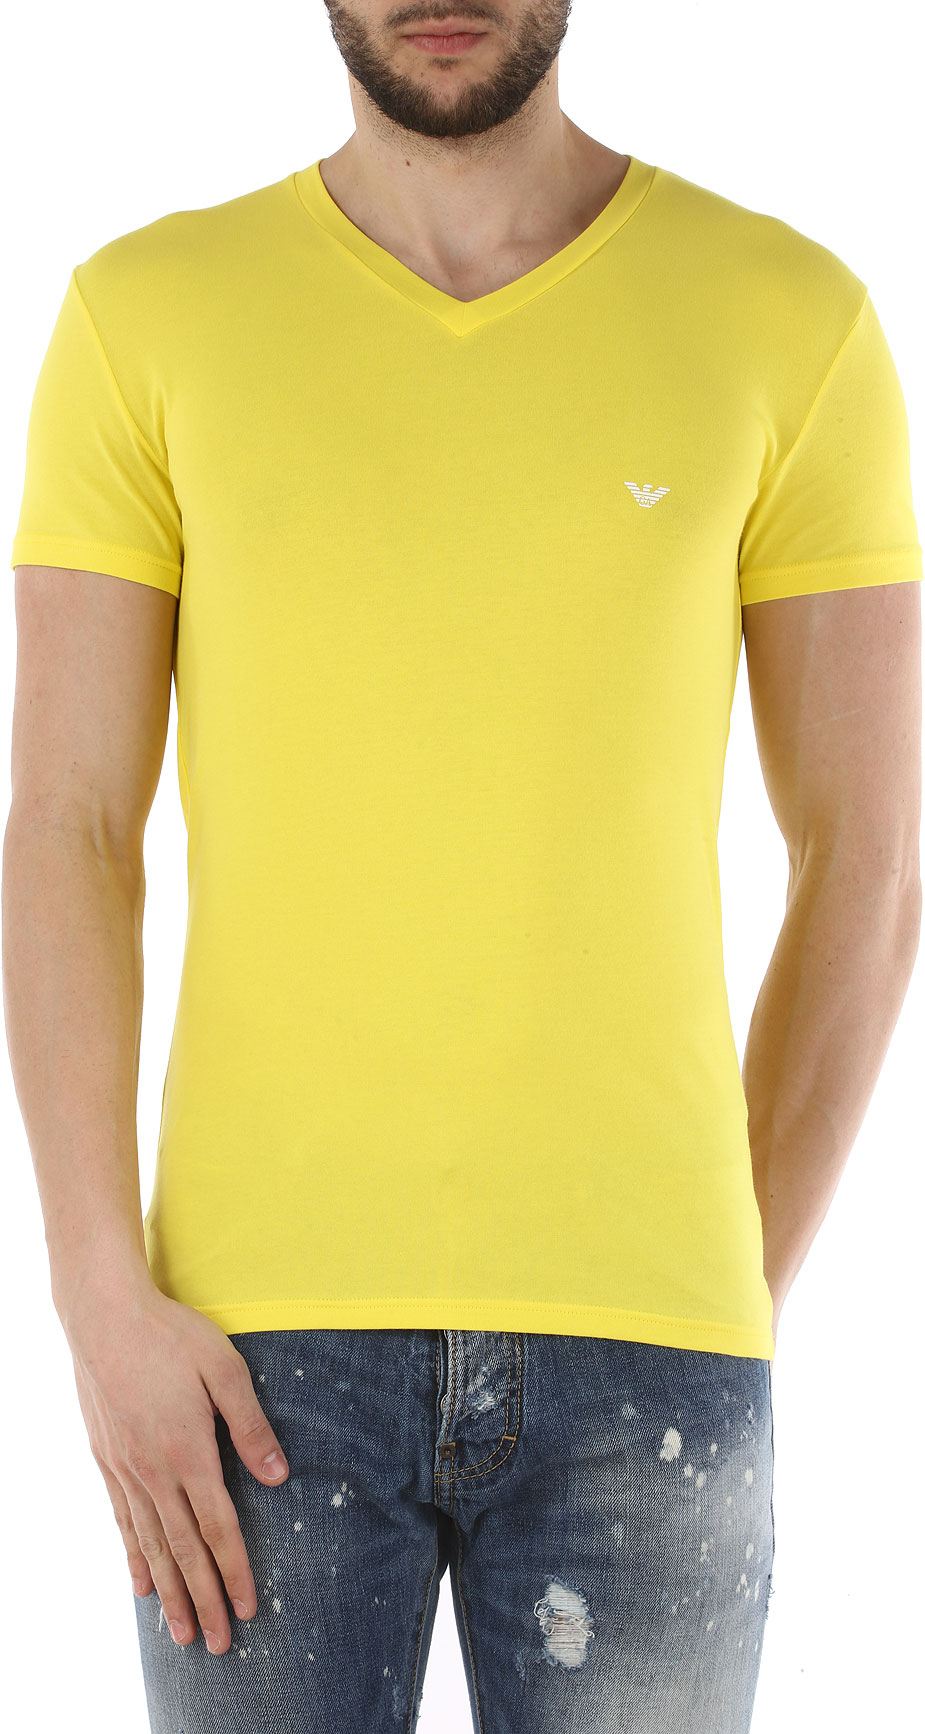 ArmaniCode 7p725 Pour Article110810 01860 Vêtements Hommes Emporio EdQCBroeWx